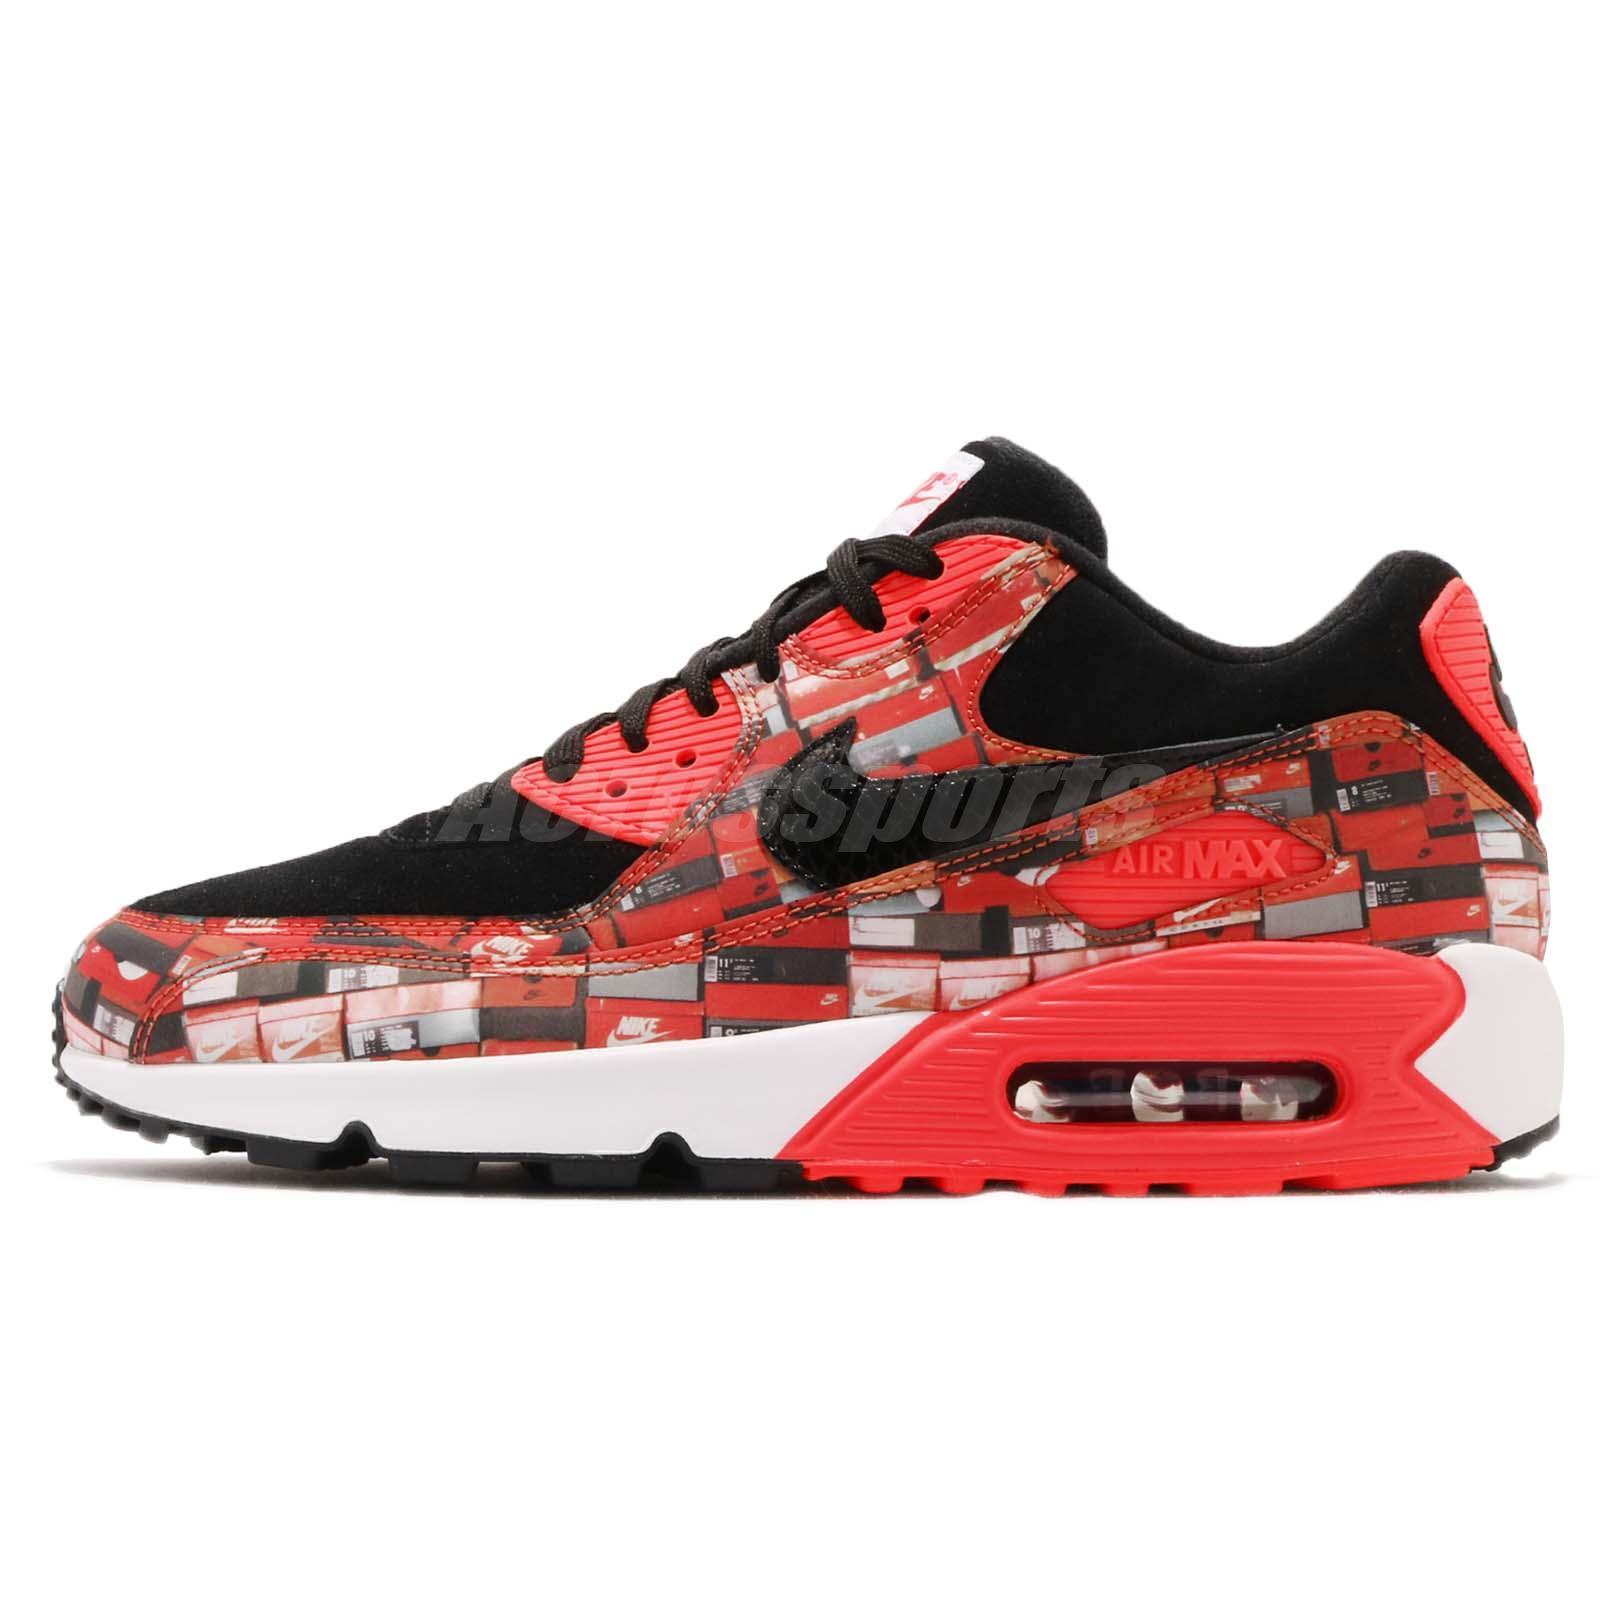 Atmos X Nike Air Max 90 Print We Love Nike Black Bright Crimson AQ0926-001 38f3073861